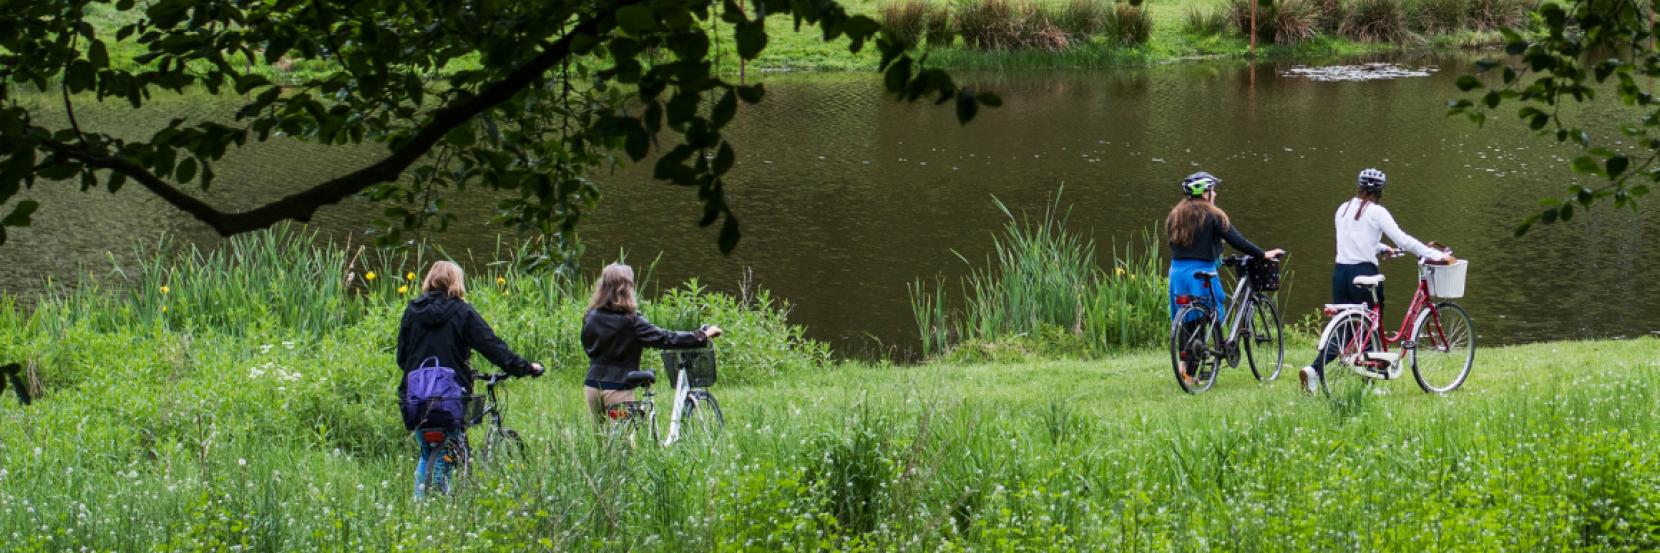 Fire kvinder på cykeltur ved en sø i en skov